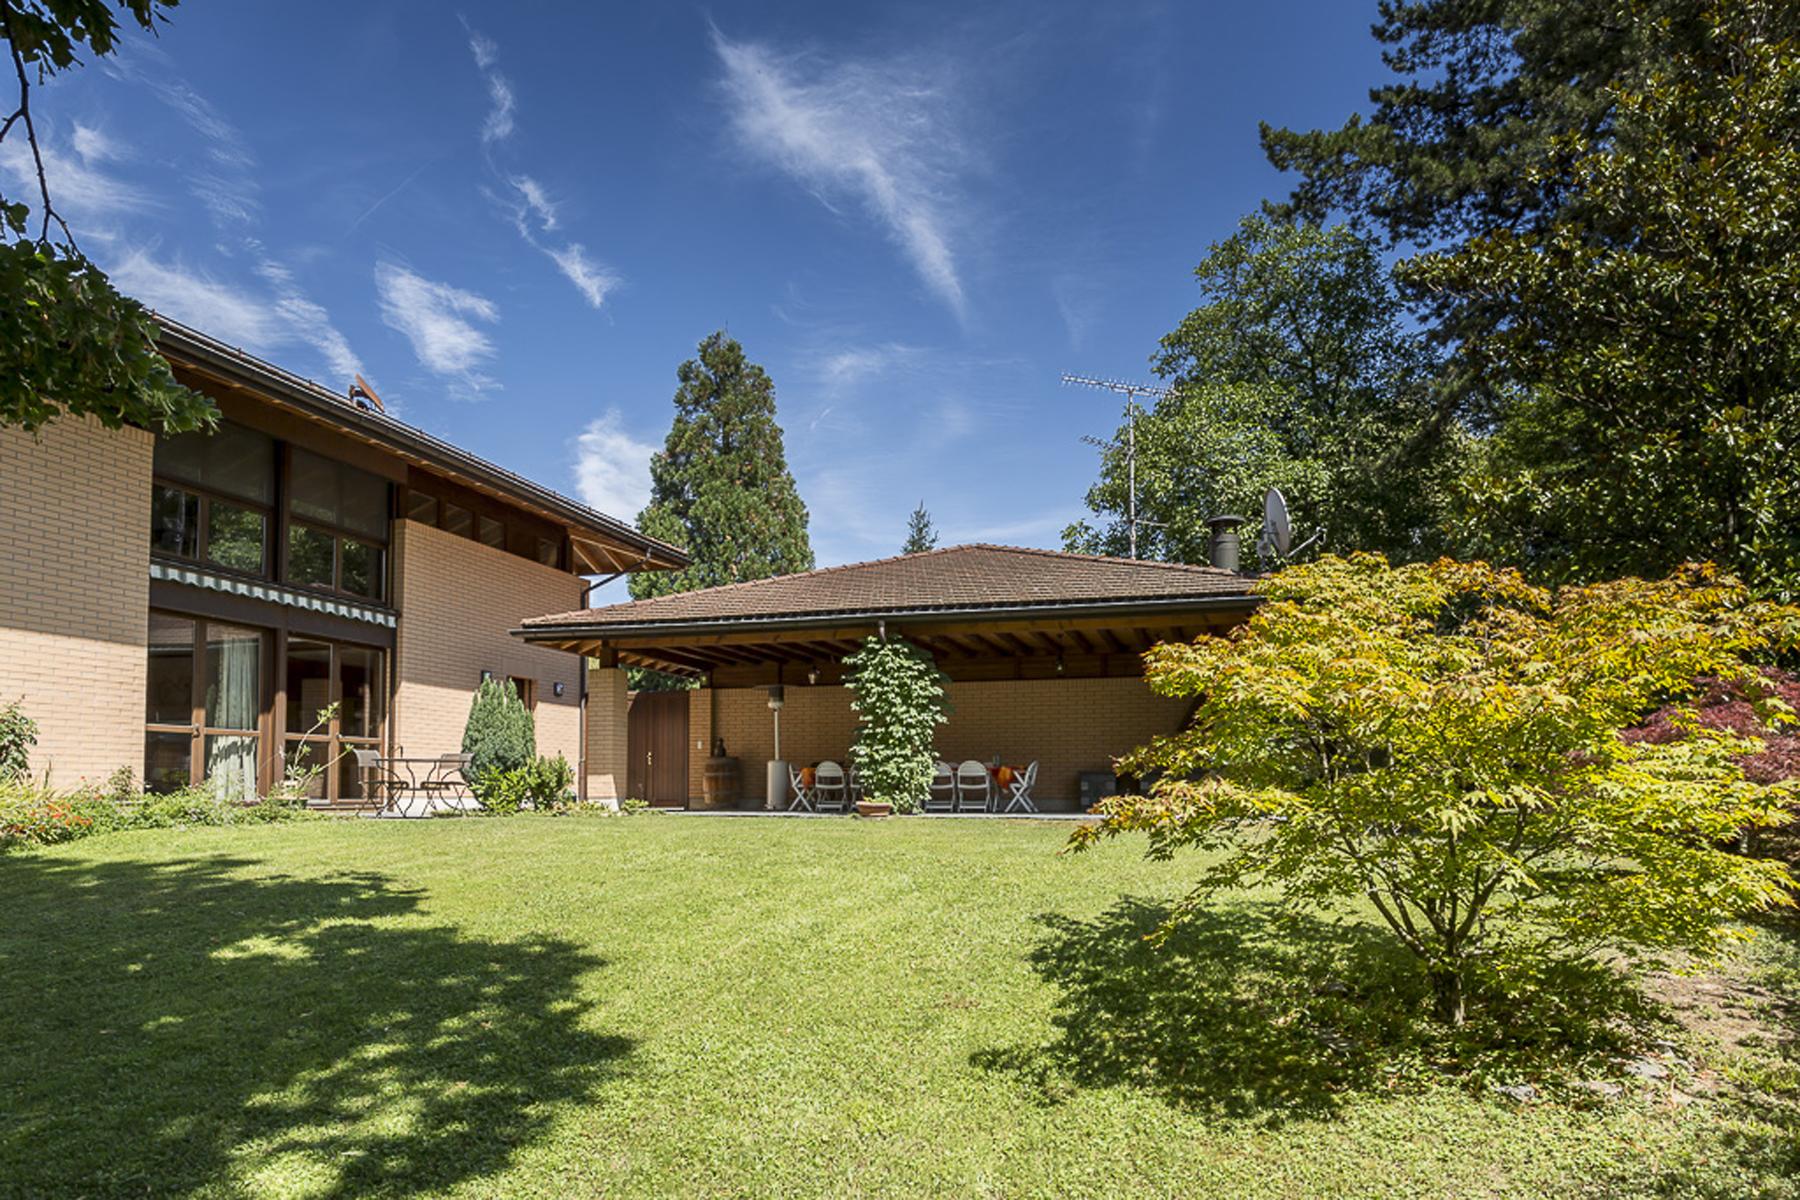 Mehrfamilienhaus für Verkauf beim Contemporary property with lake view Collonge-Bellerive, Genf 1245 Schweiz